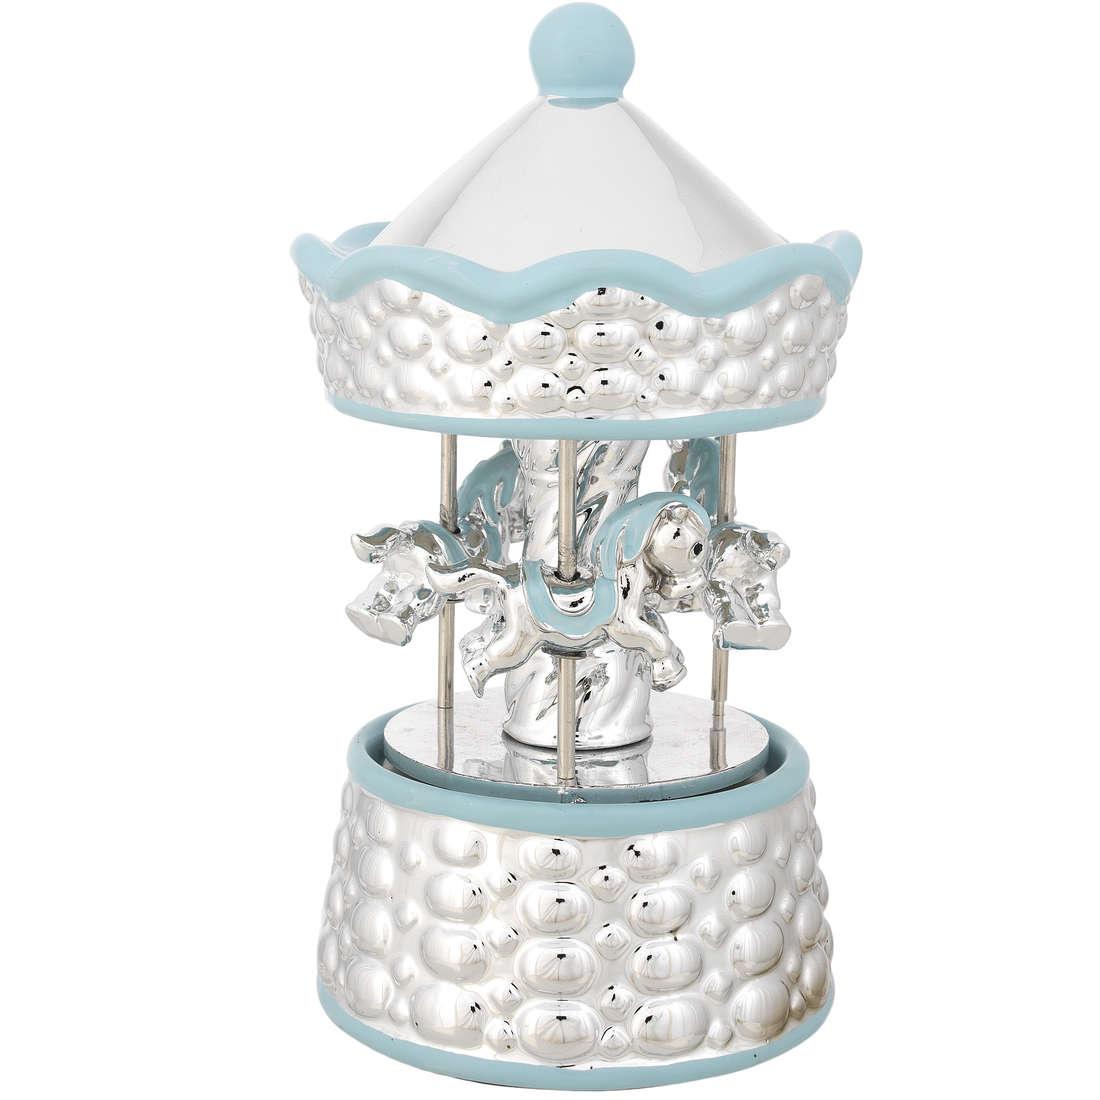 accessori neonato Bagutta B 4167-01 A